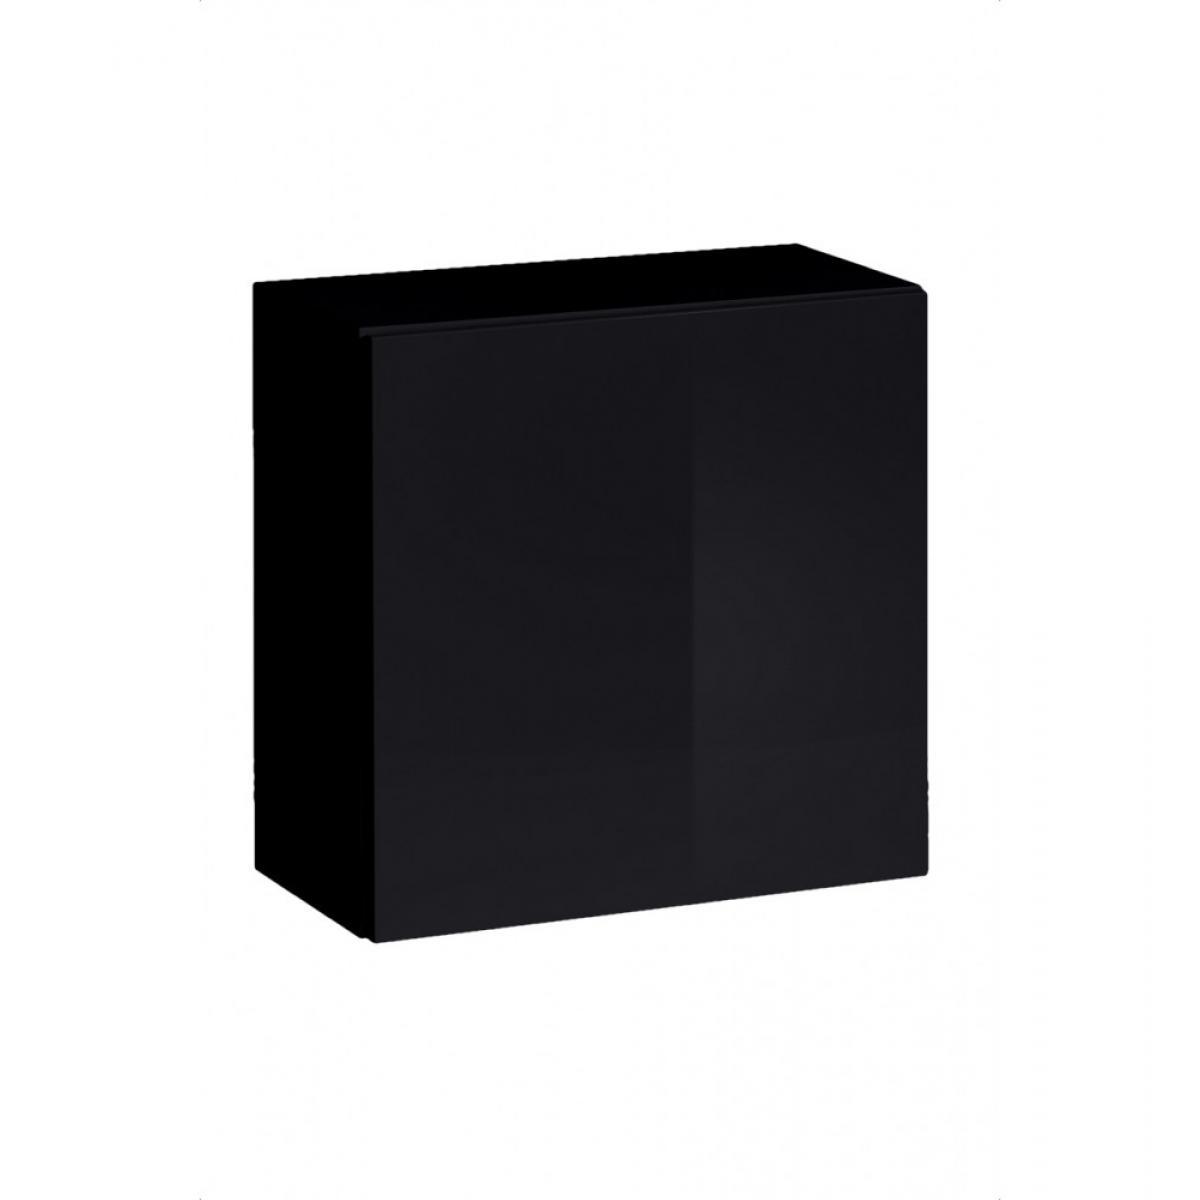 Ac-Deco Vitrine - Switch WW 2 - 30 cm x 120 cm x 30 cm - Noir